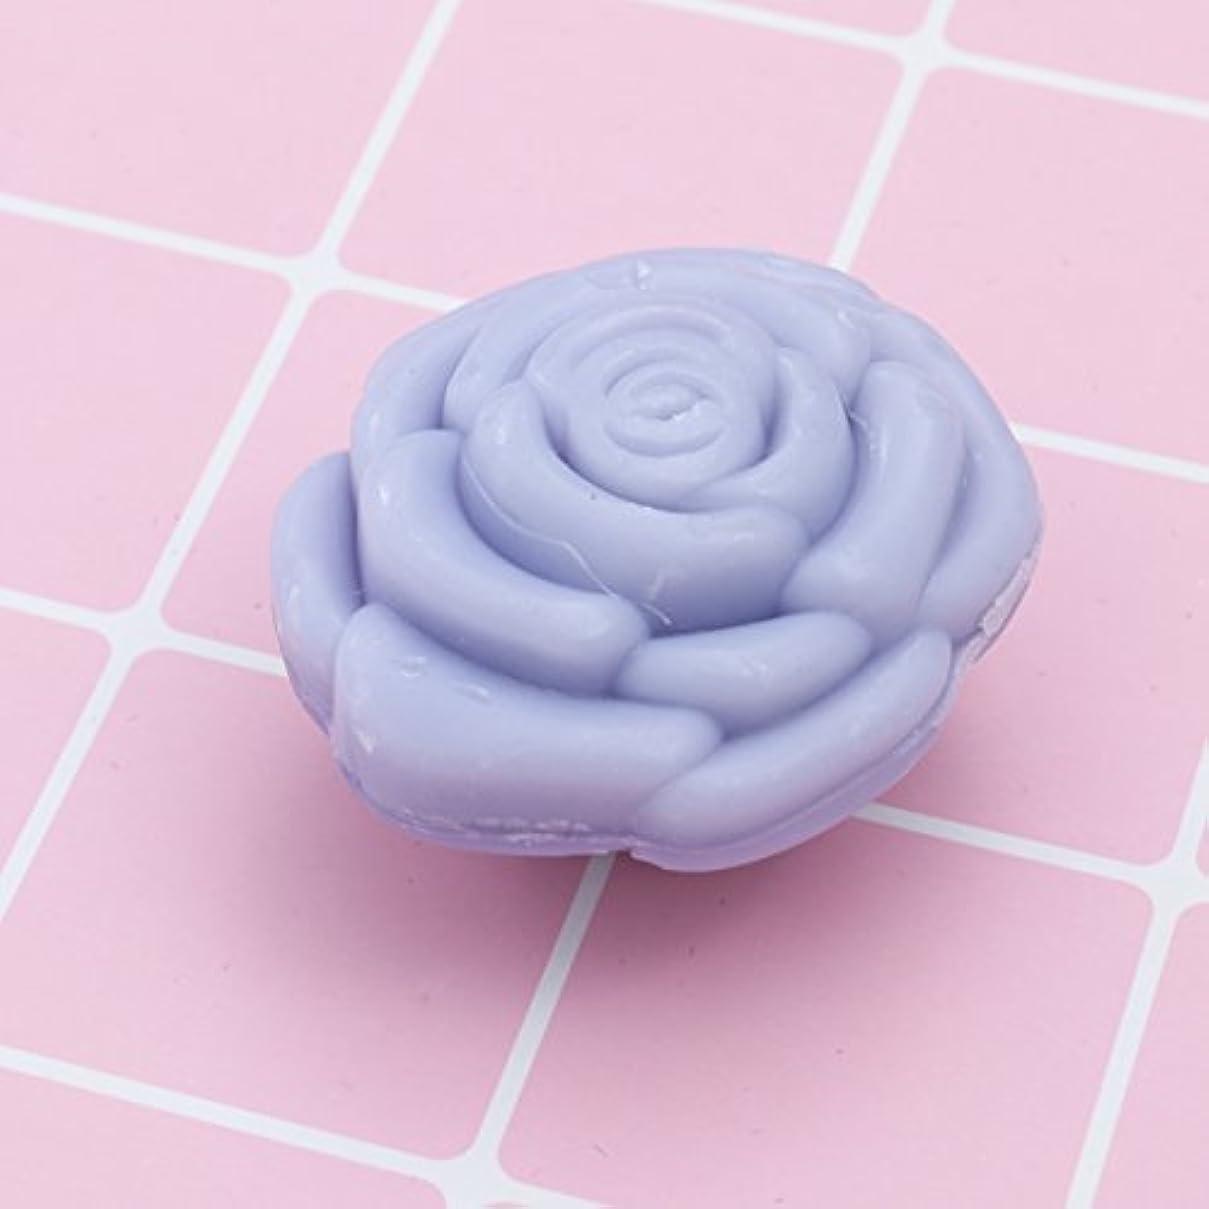 村知っているに立ち寄る櫛Amosfun 手作り石鹸オイルローズフラワーソープアロマエッセンシャルオイルギフト記念日誕生日結婚式バレンタインデー(紫)20ピース